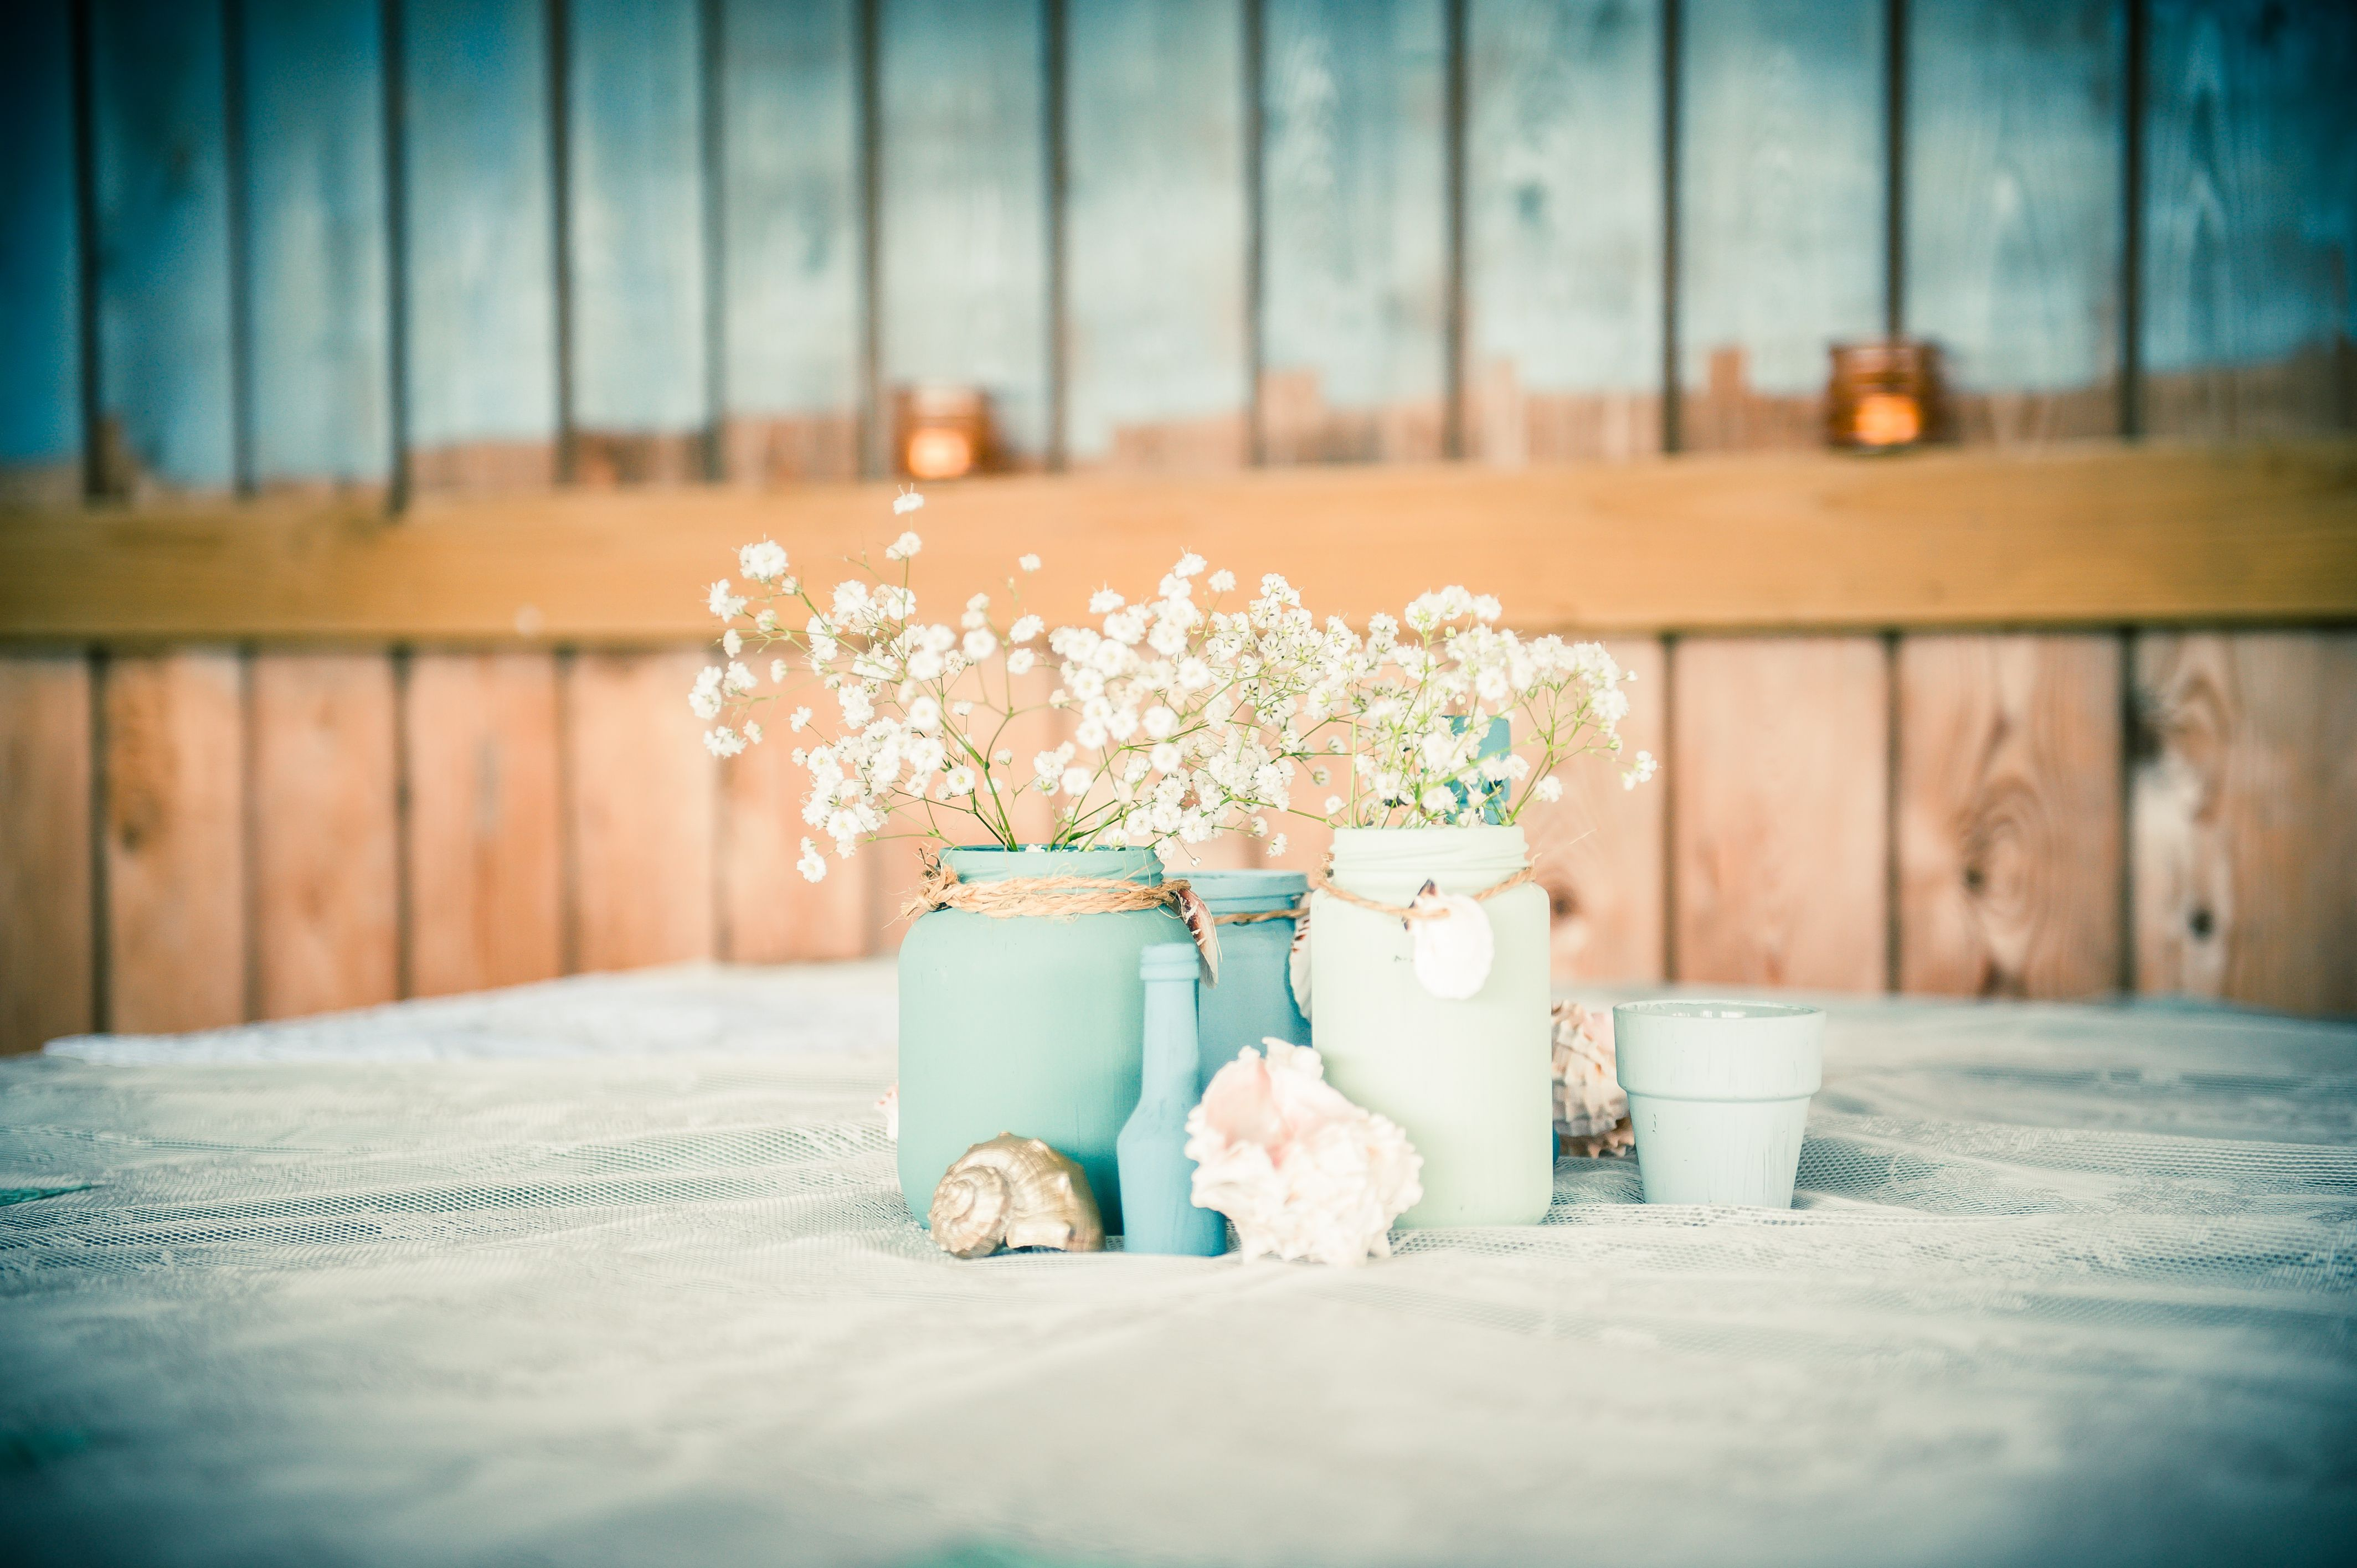 eigen trouwdag 04-07-2015 tafeldecoratie, potjes, bloemen, schelpen, vintage